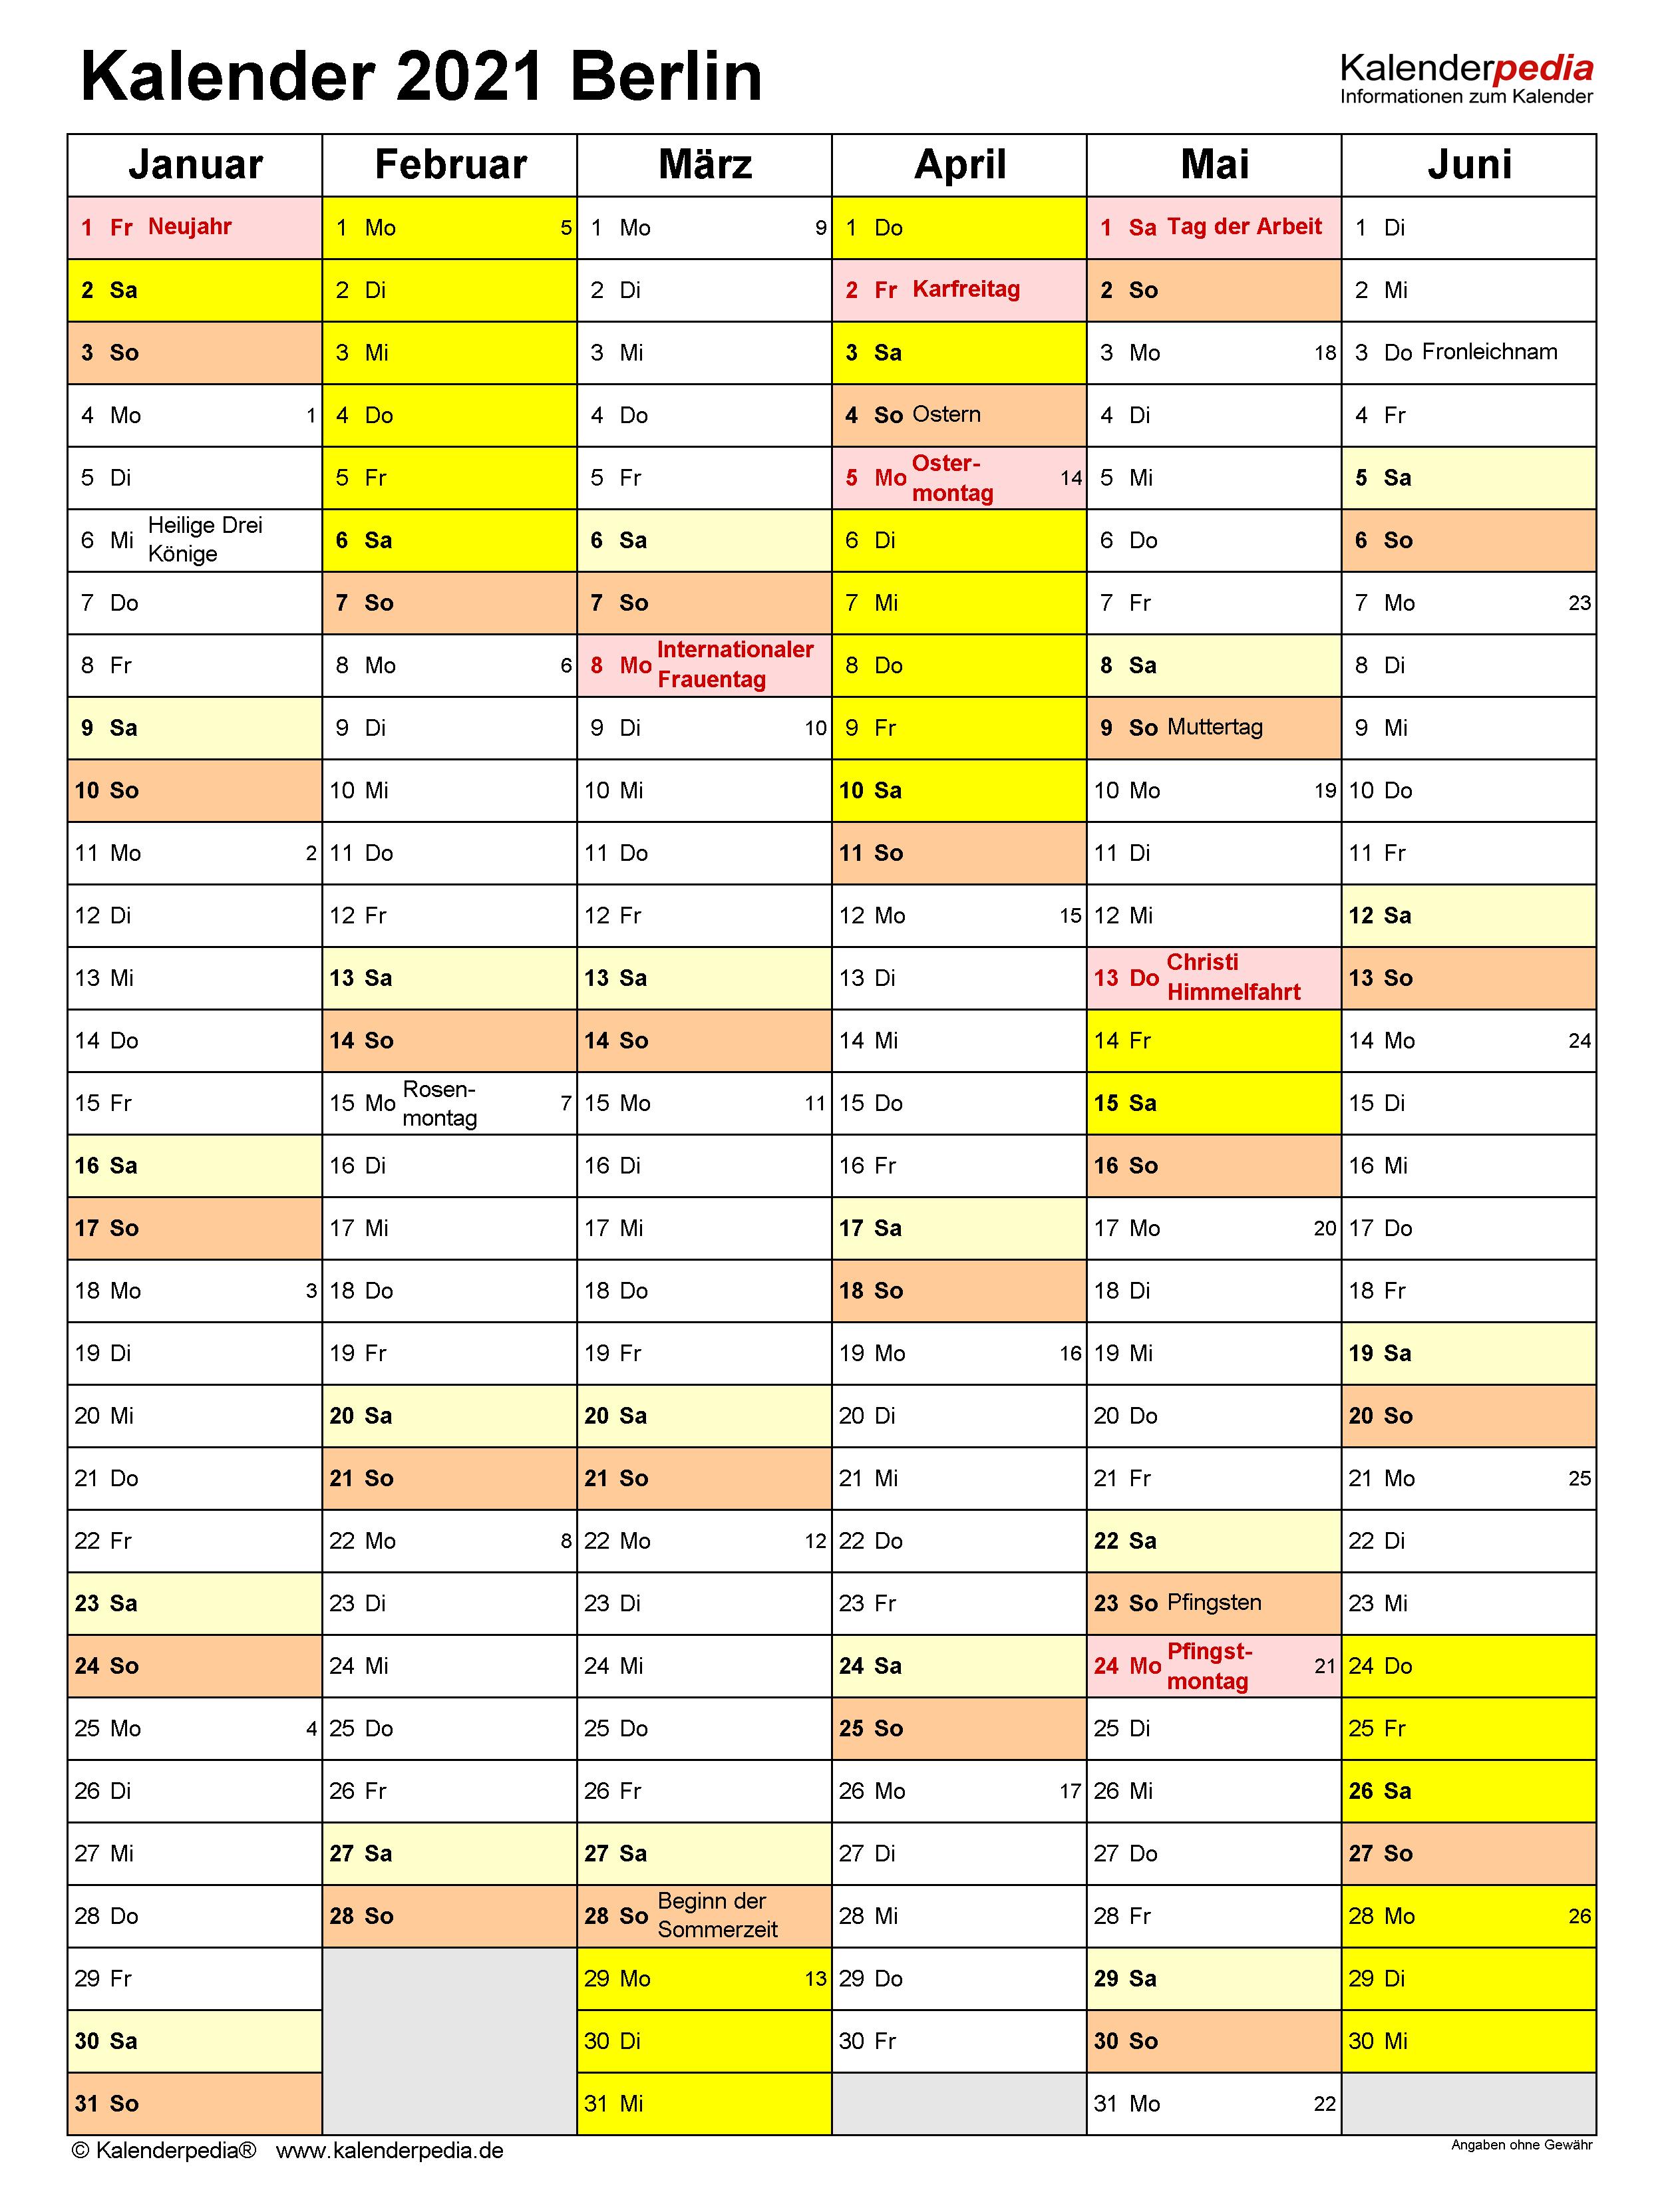 Kalender 2021 Berlin: Ferien, Feiertage, Excel-Vorlagen